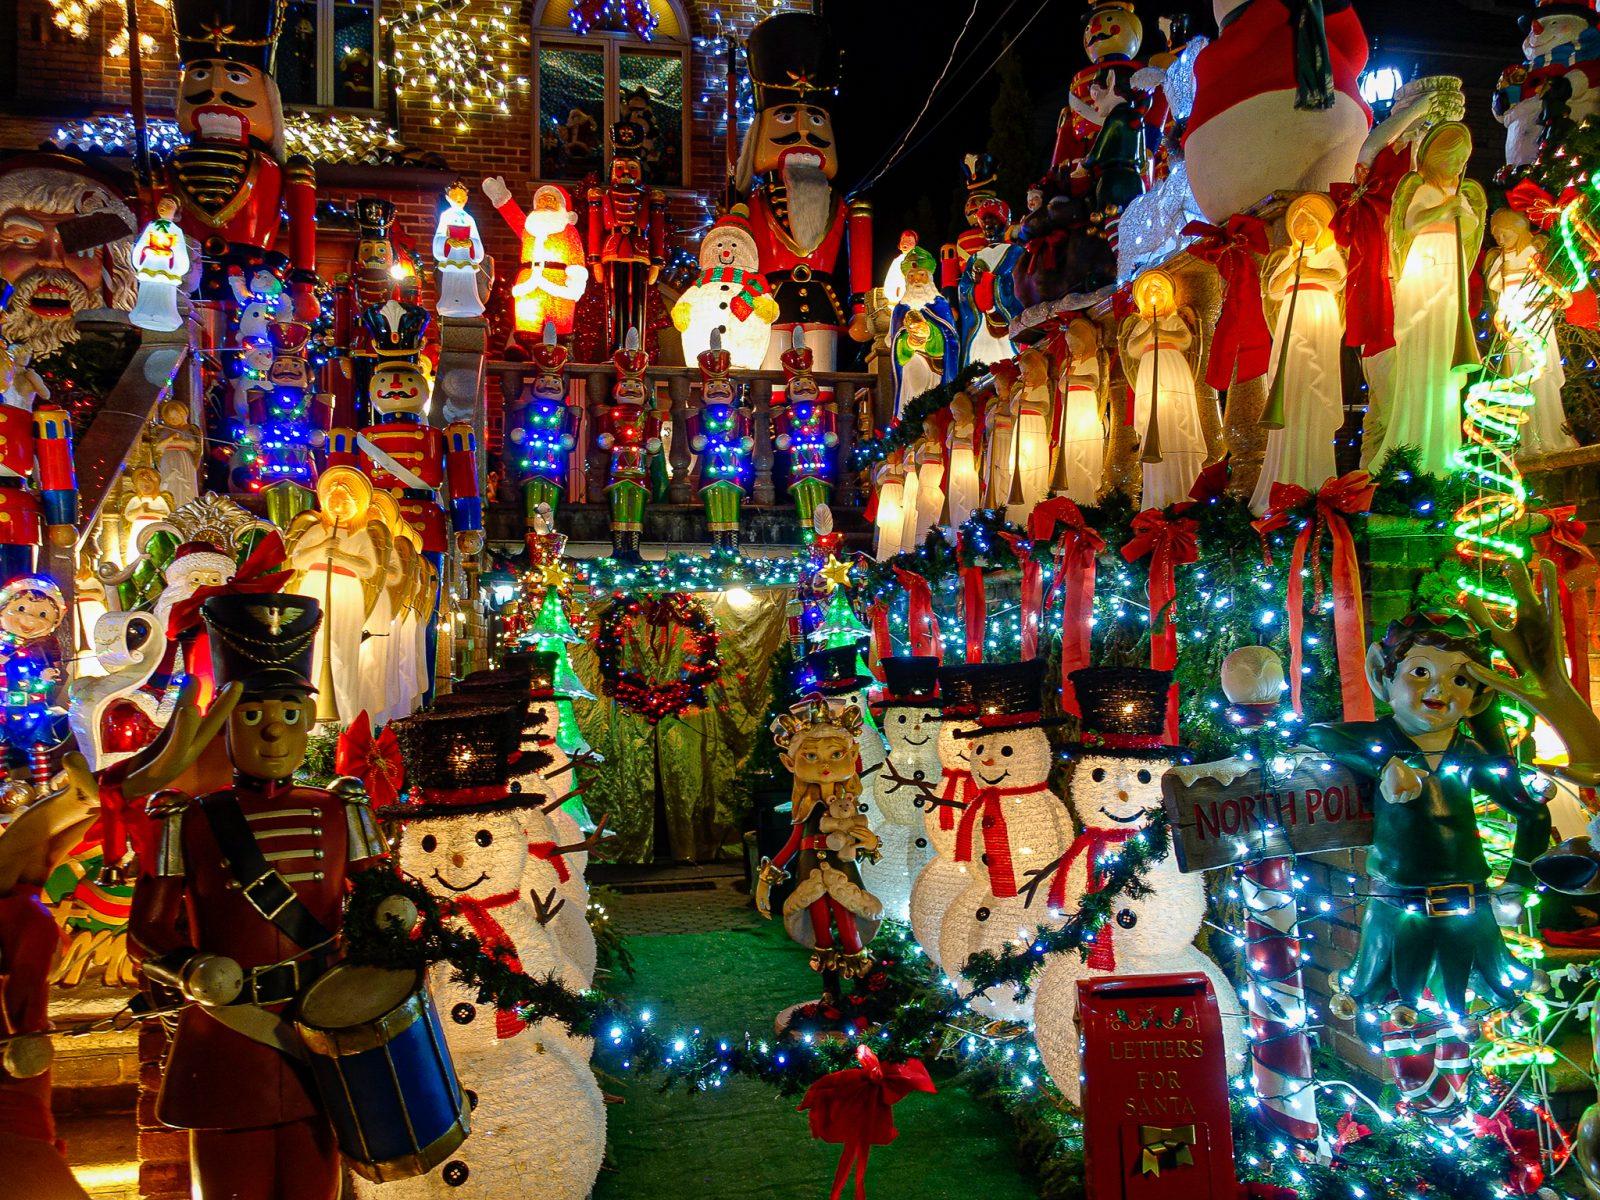 hus pyntet med amerikansk julepynt. nisser og snømenn